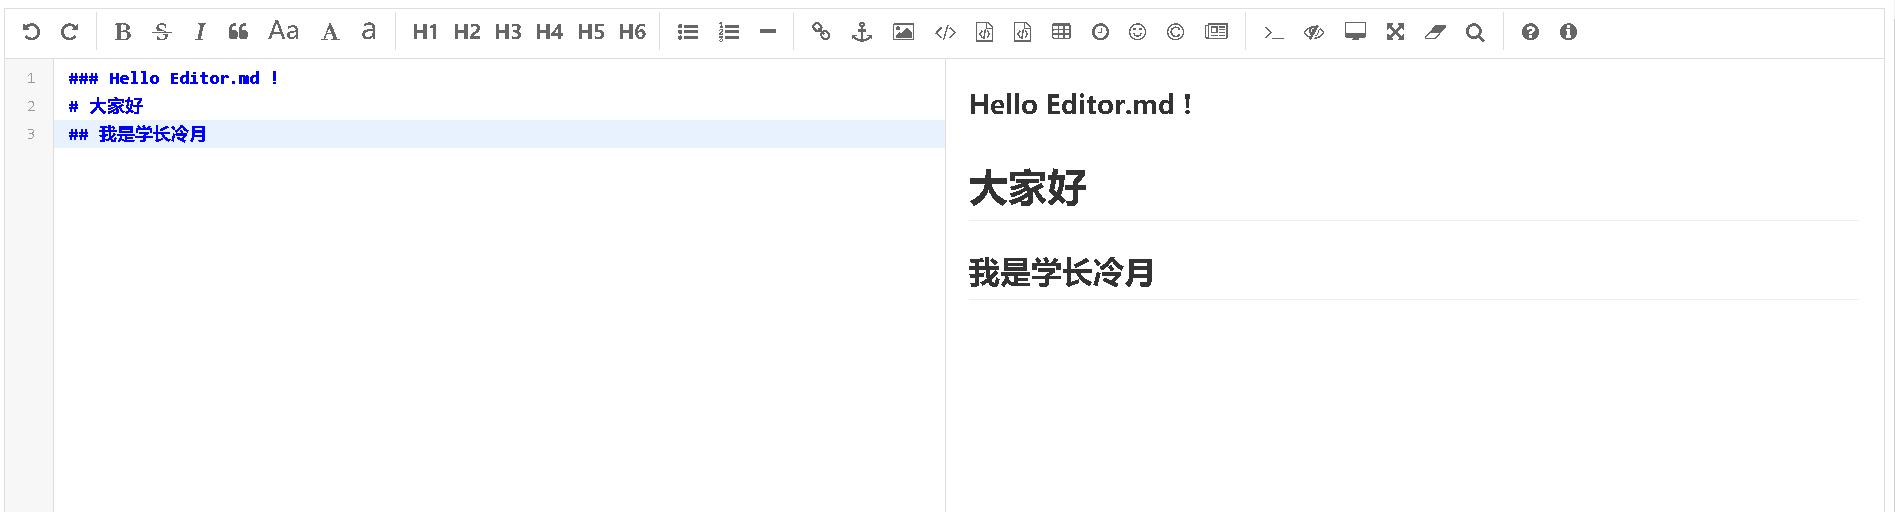 将Markdown编辑器搬进您的博客-让我们更优雅的书写文章